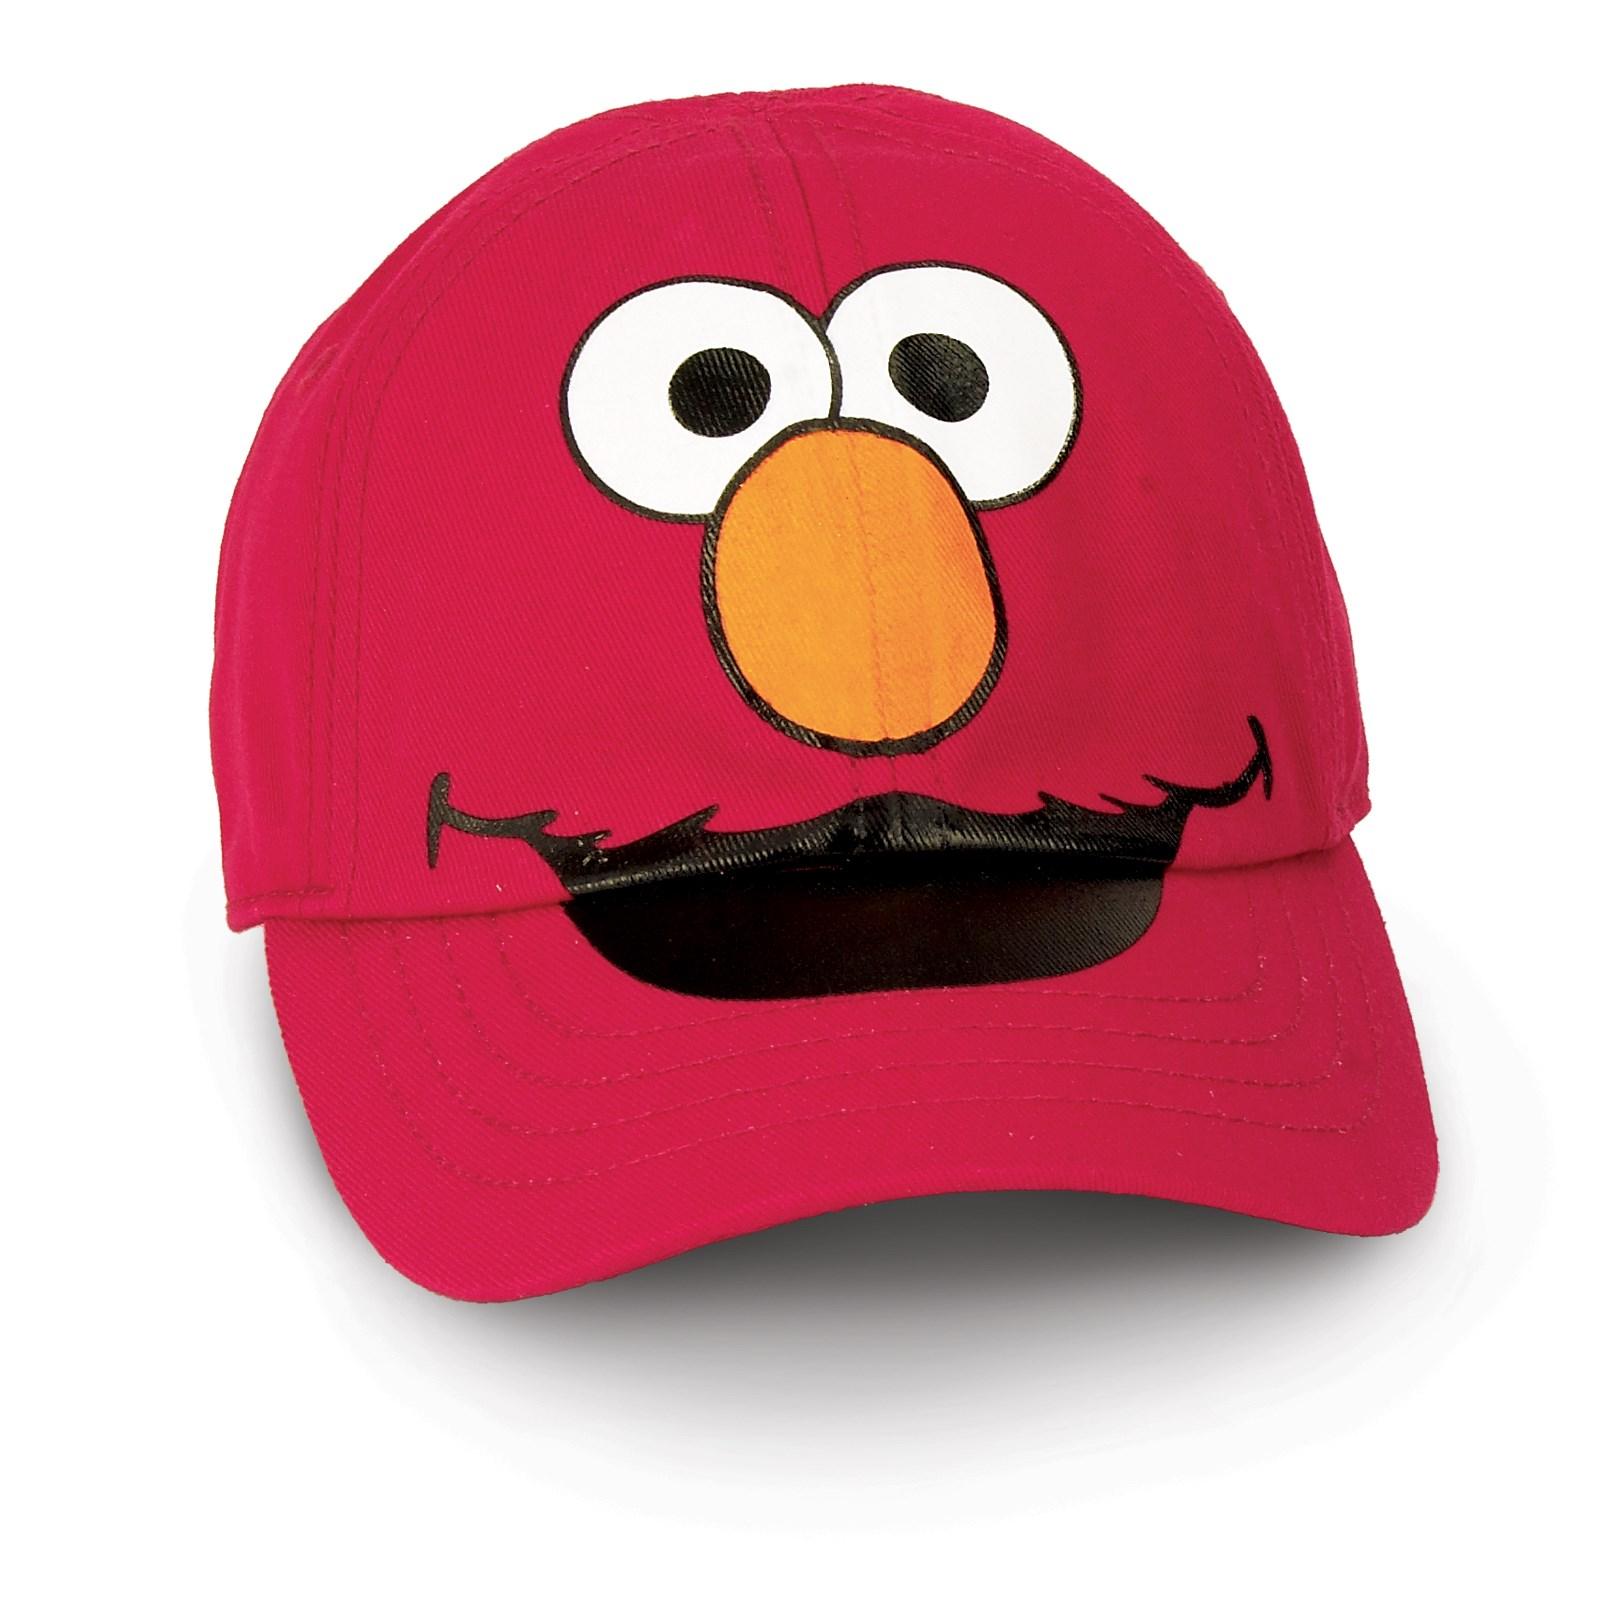 Image of Sesame Street Elmo Adjustable Hat Toddler